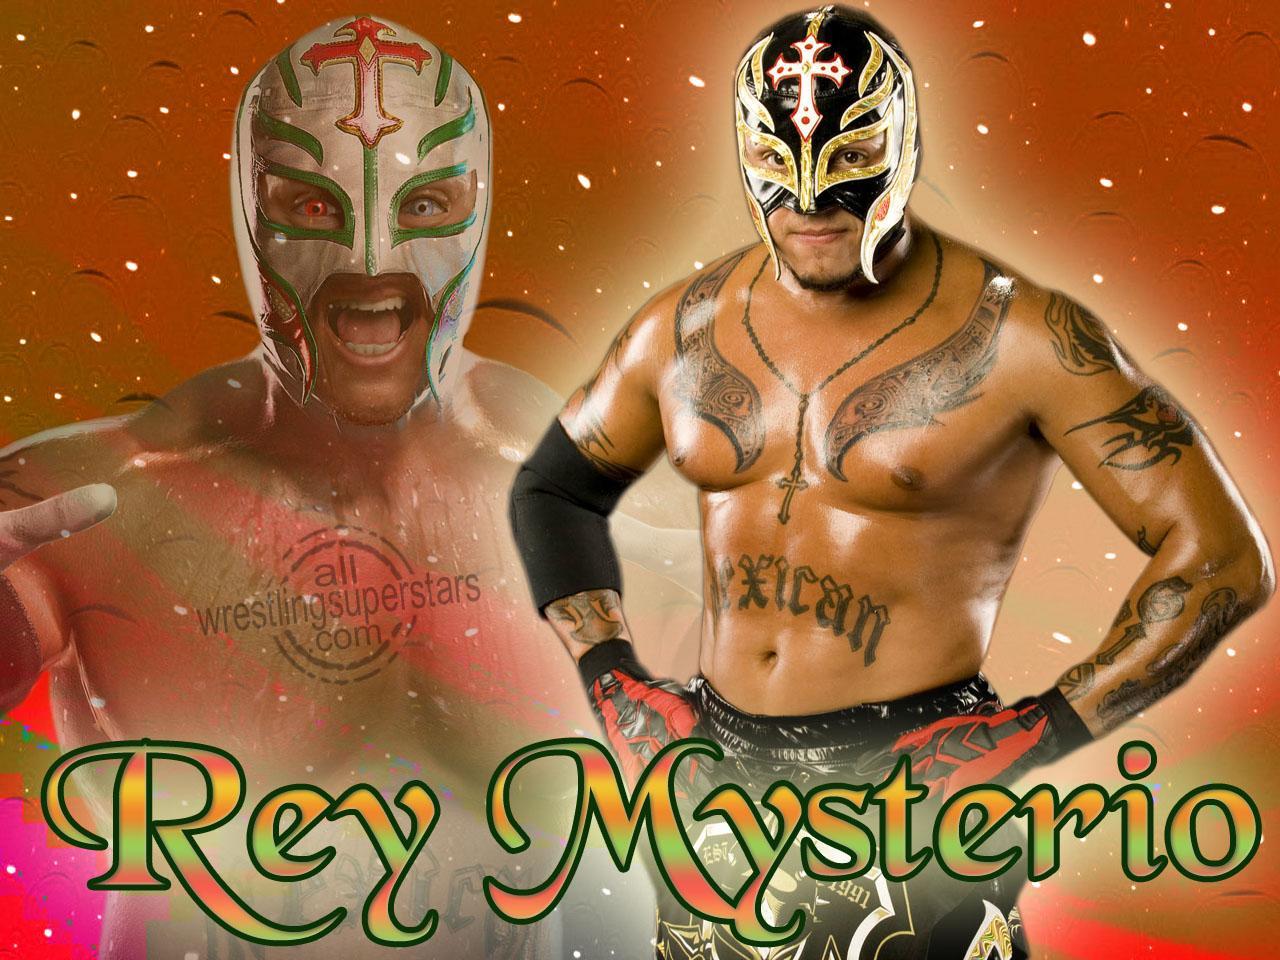 http://4.bp.blogspot.com/-Kyyfd28DnsY/TilPPaoLKiI/AAAAAAAAAQc/PSnxI8k9QPQ/s1600/wwe-wallpapers-rey-mysterio-10.jpg